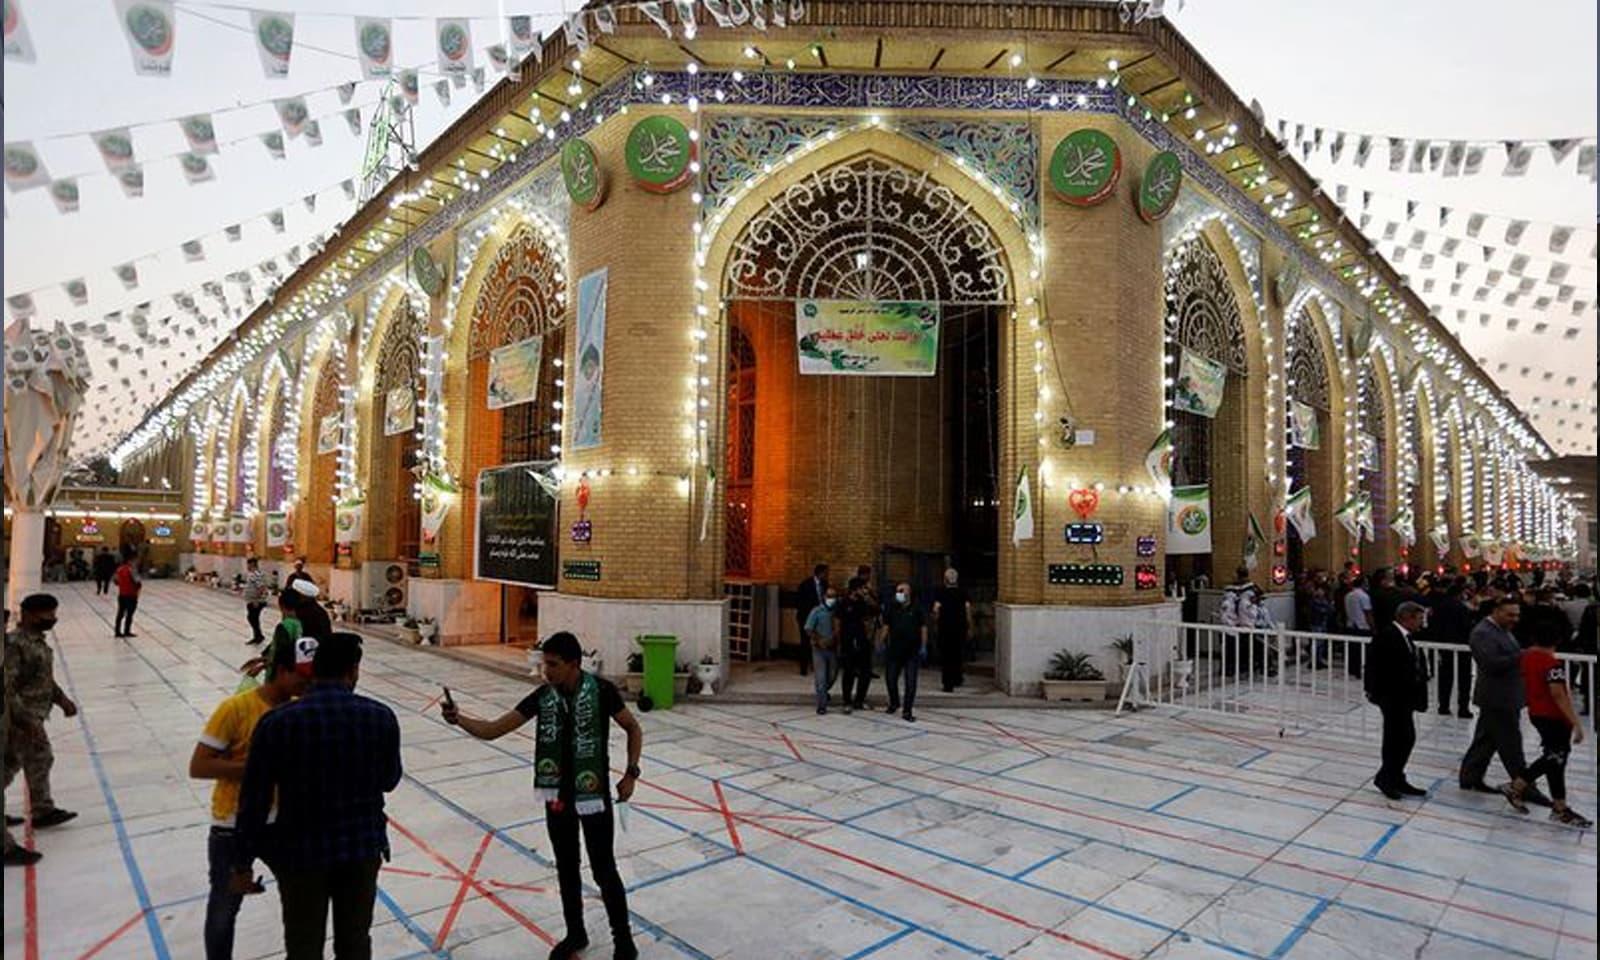 عراق میں عید میلادالنبیﷺ کے موقع پر لوگ مسجد میں موجود ہیں— فوٹو:رائٹرز